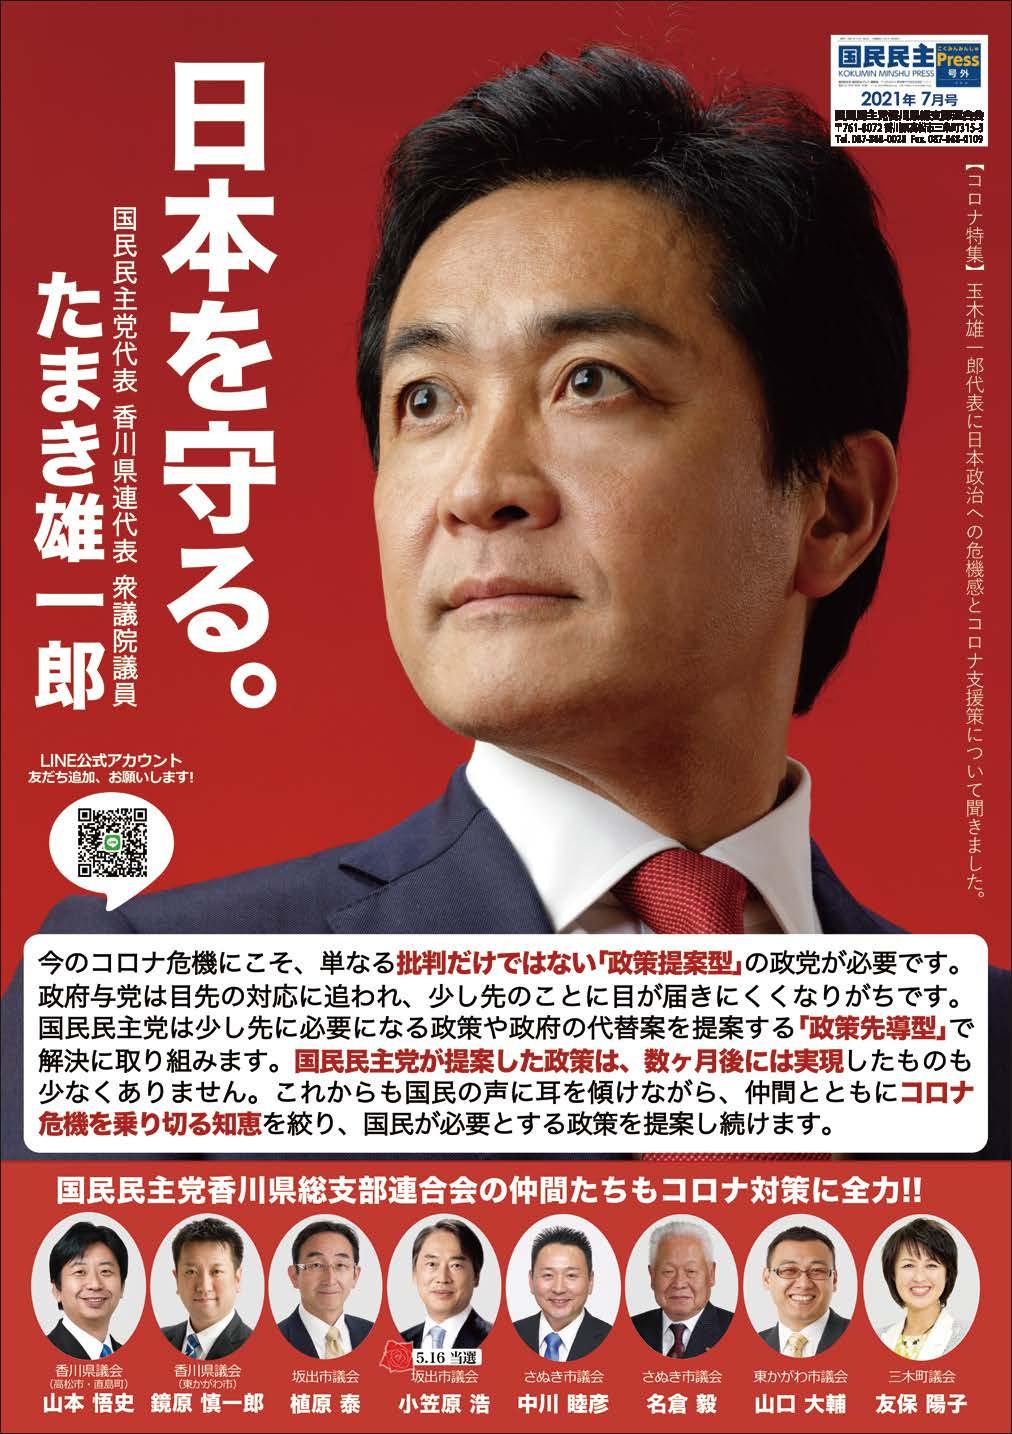 2021/06/23発行 B4国民プレス新聞折込